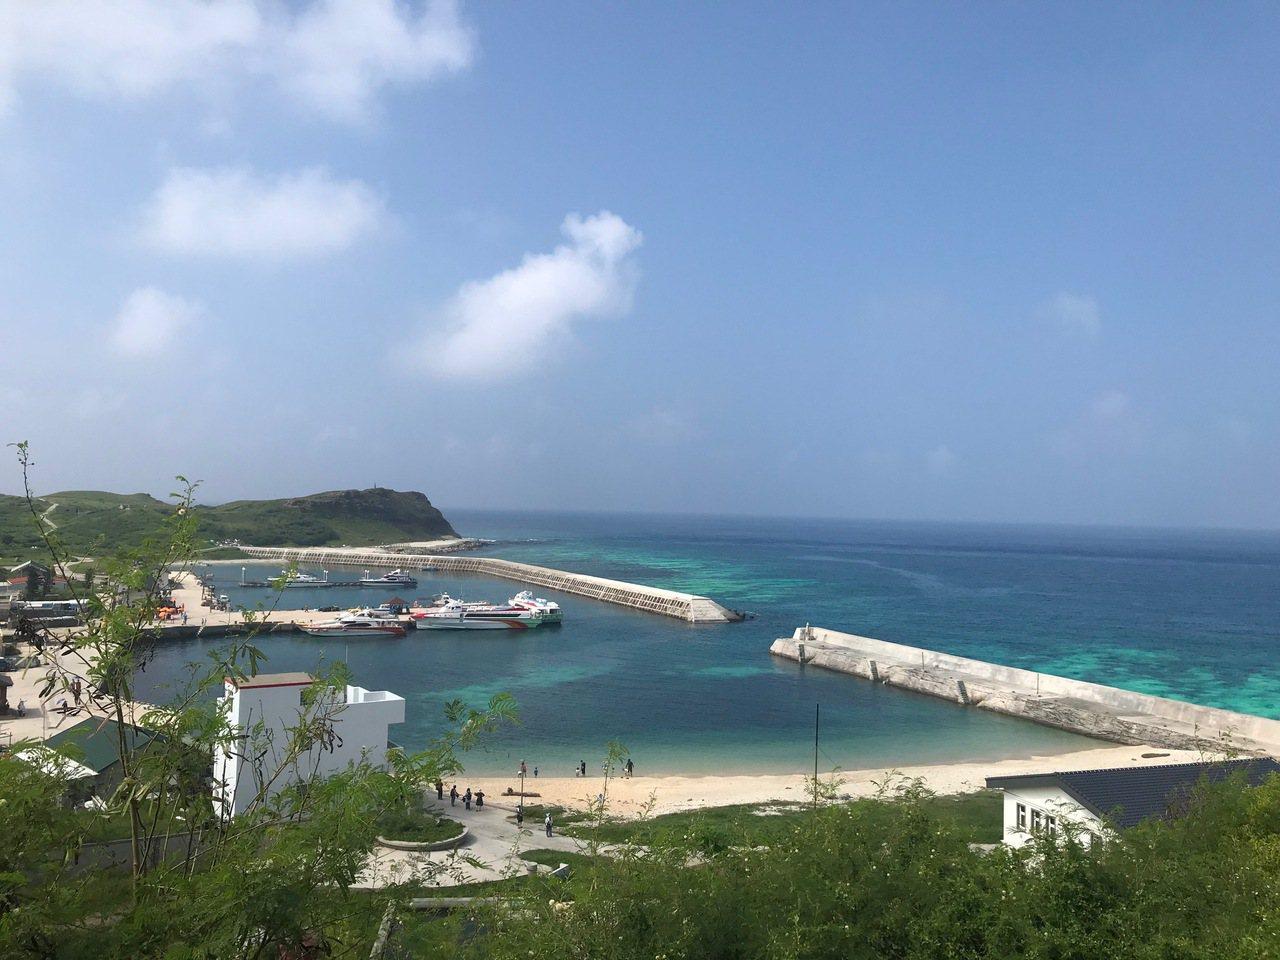 從高處俯瞰東吉嶼碼頭,海水呈現多層次變化,深淺不一的藍從海面擴散至天際。 圖/徐...